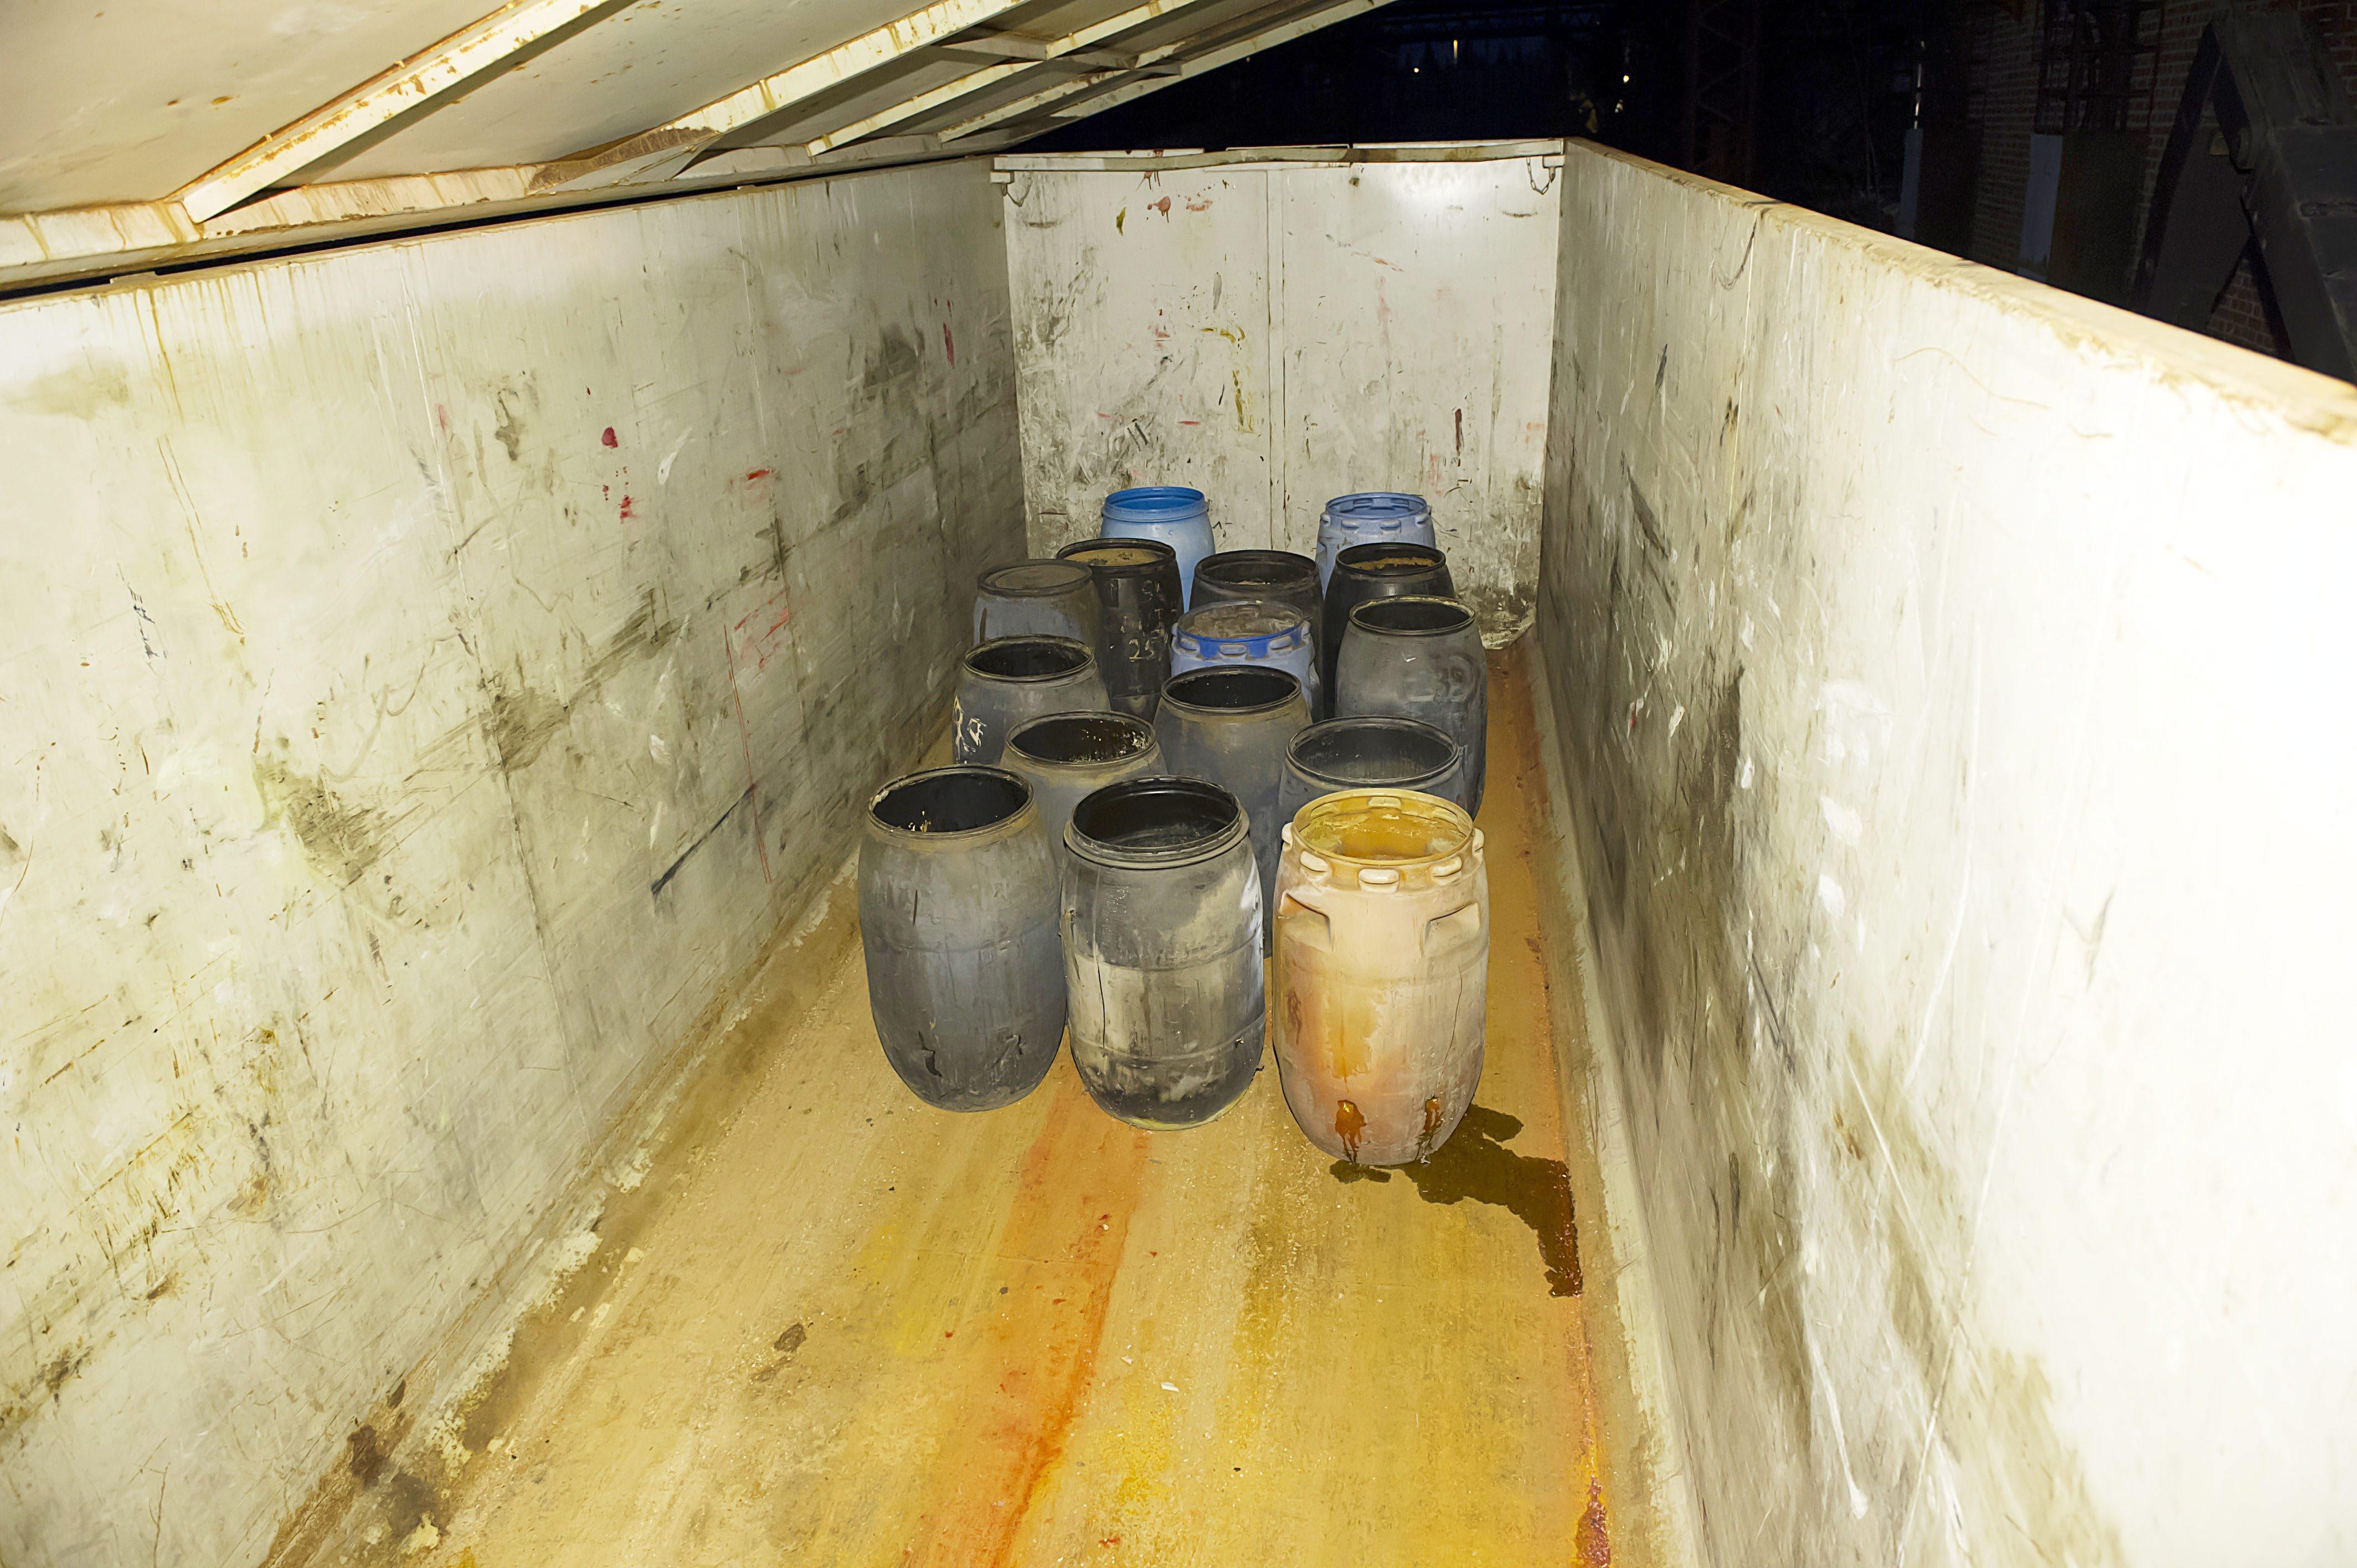 Folyékony veszélyes hulladékok a szállító konténerben